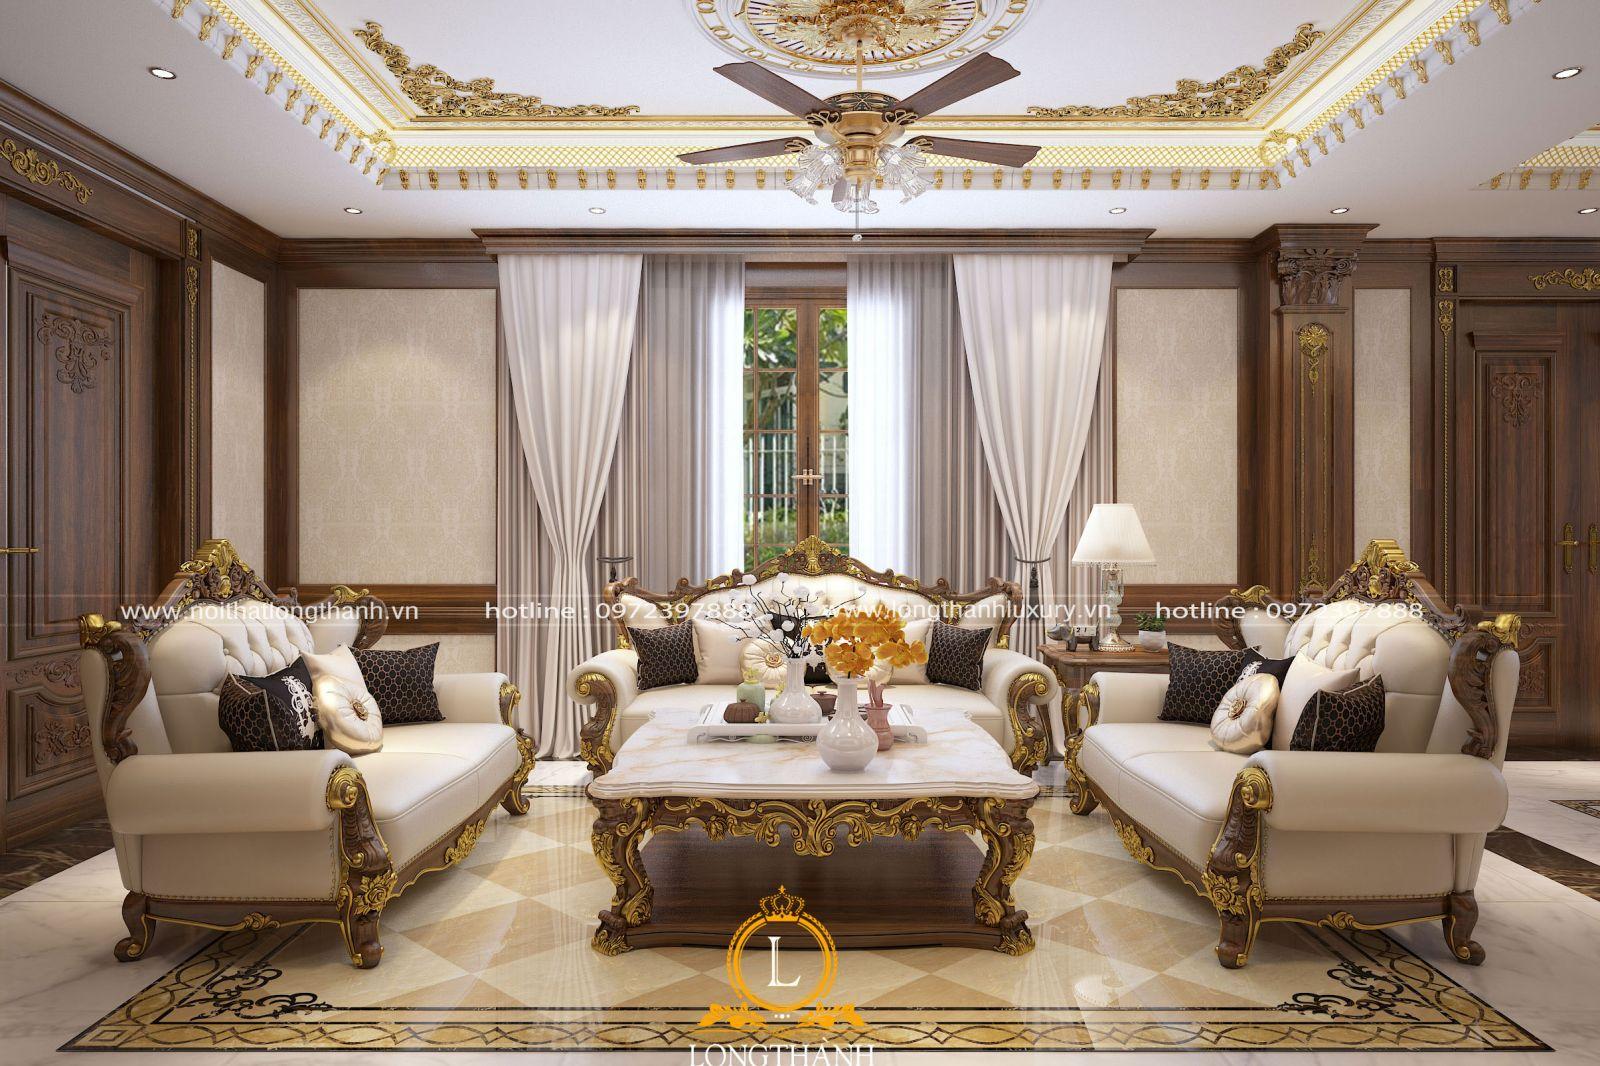 Phòng khách tân cổ điển đẹp lộng lẫy và tinh tế